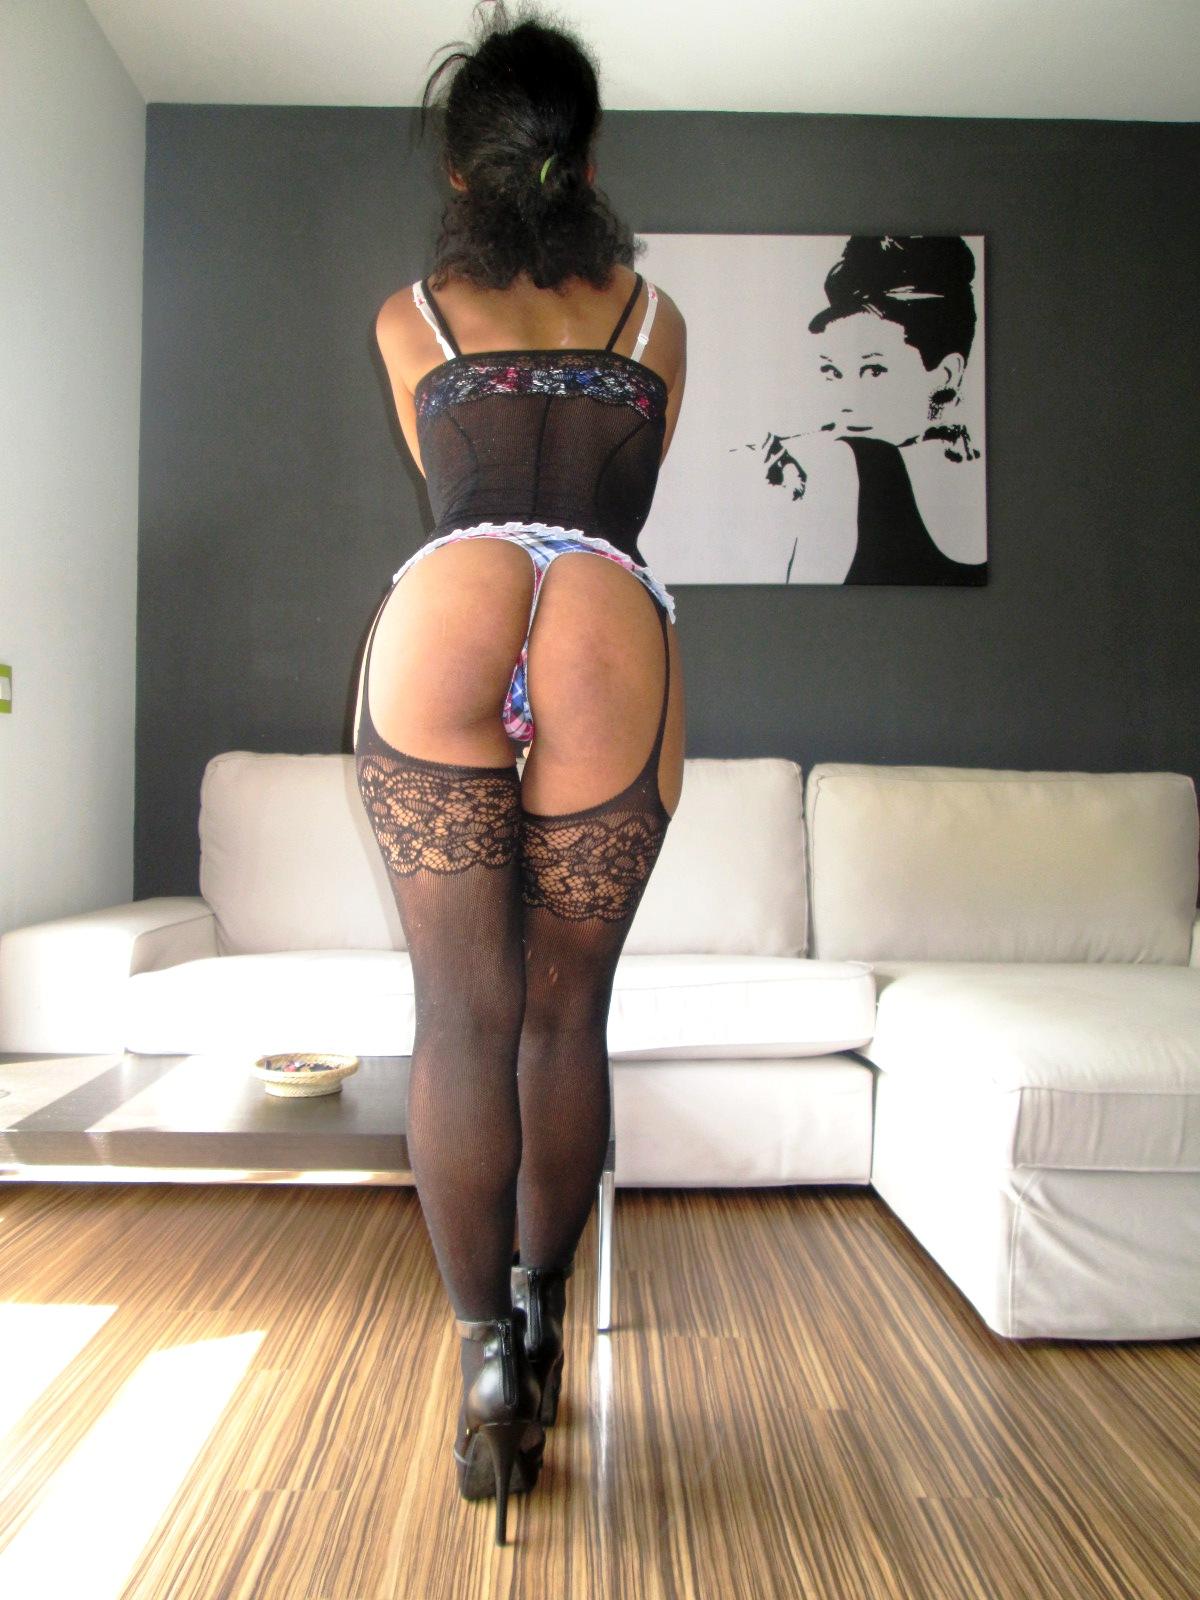 piso prostitutas oviedo foro prostitutas callejeras